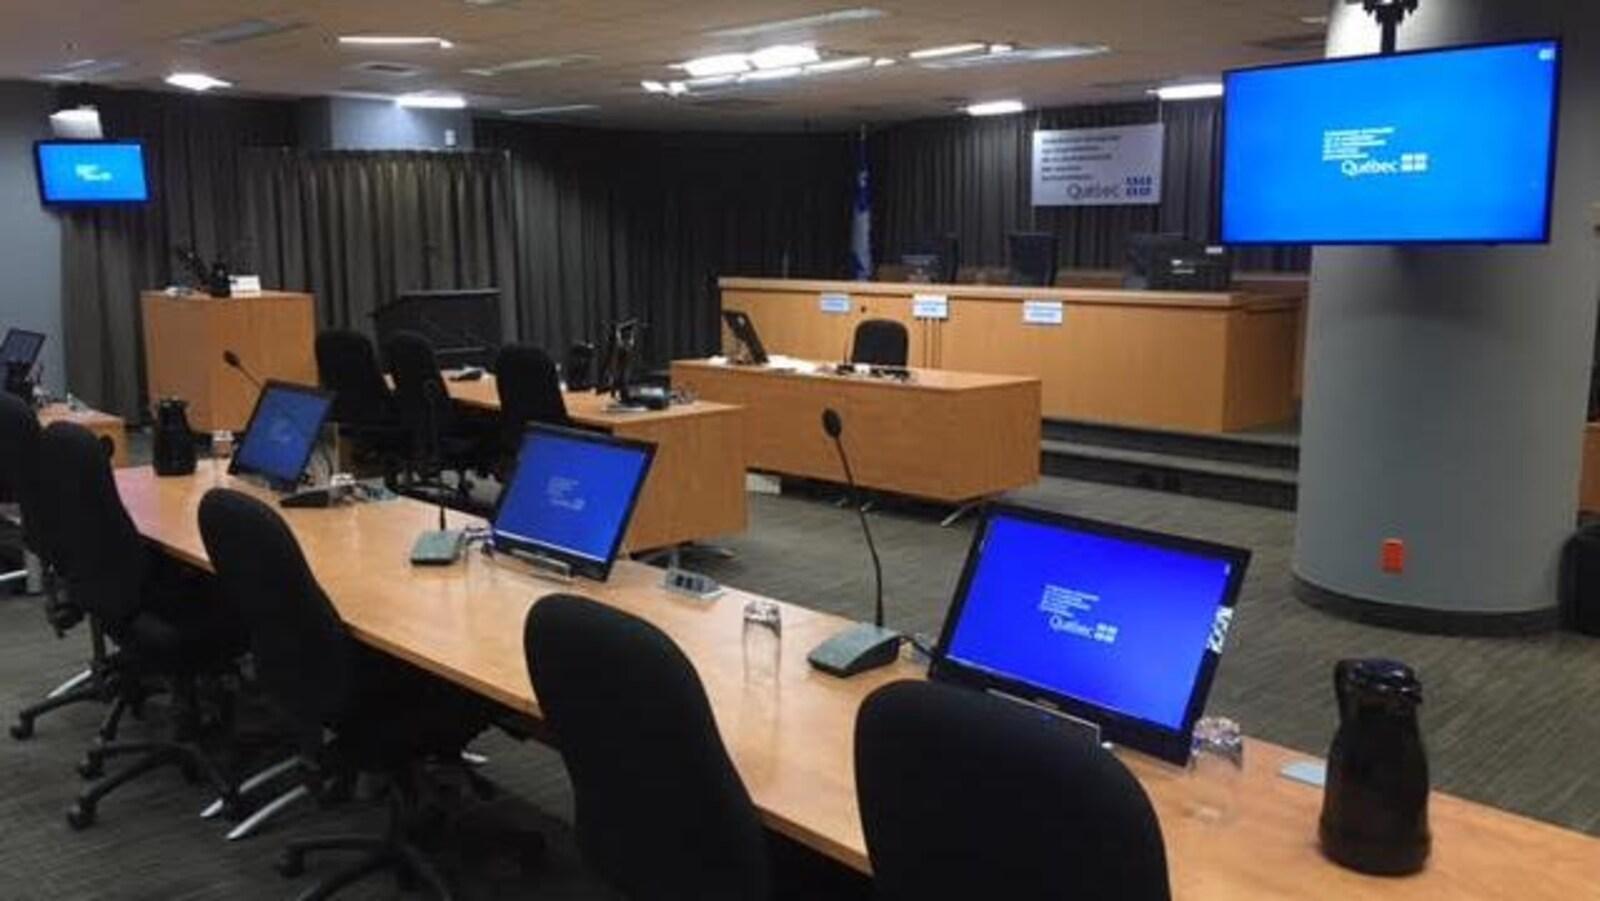 Salle d'audience de la Commission d'enquête sur la protection de la confidentialité des sources journalistiques